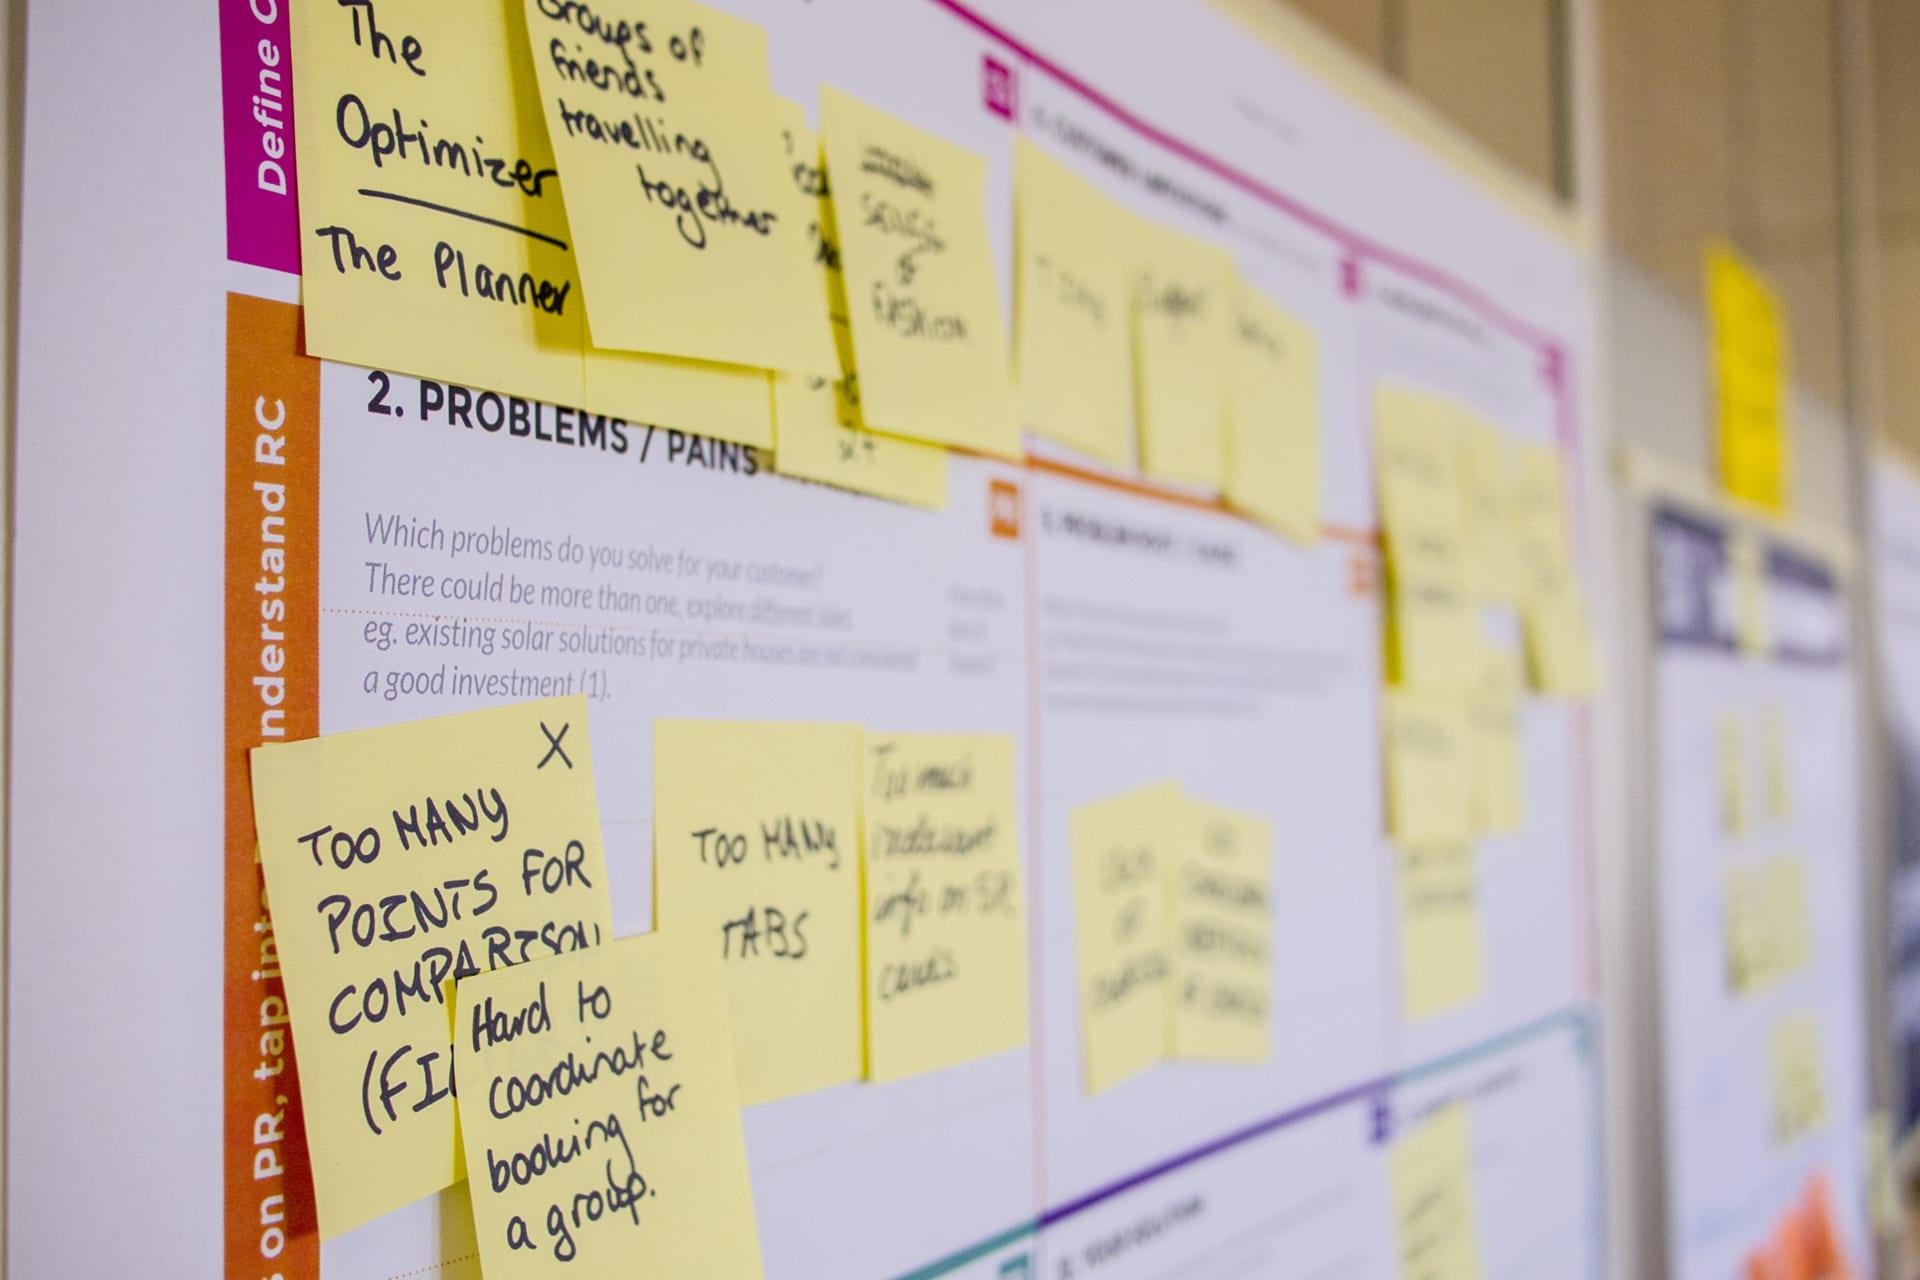 営業パーソンが学ぶべきプレゼンテーション術|スタンフォード式プレゼンテーションTips|Senses Lab.|3